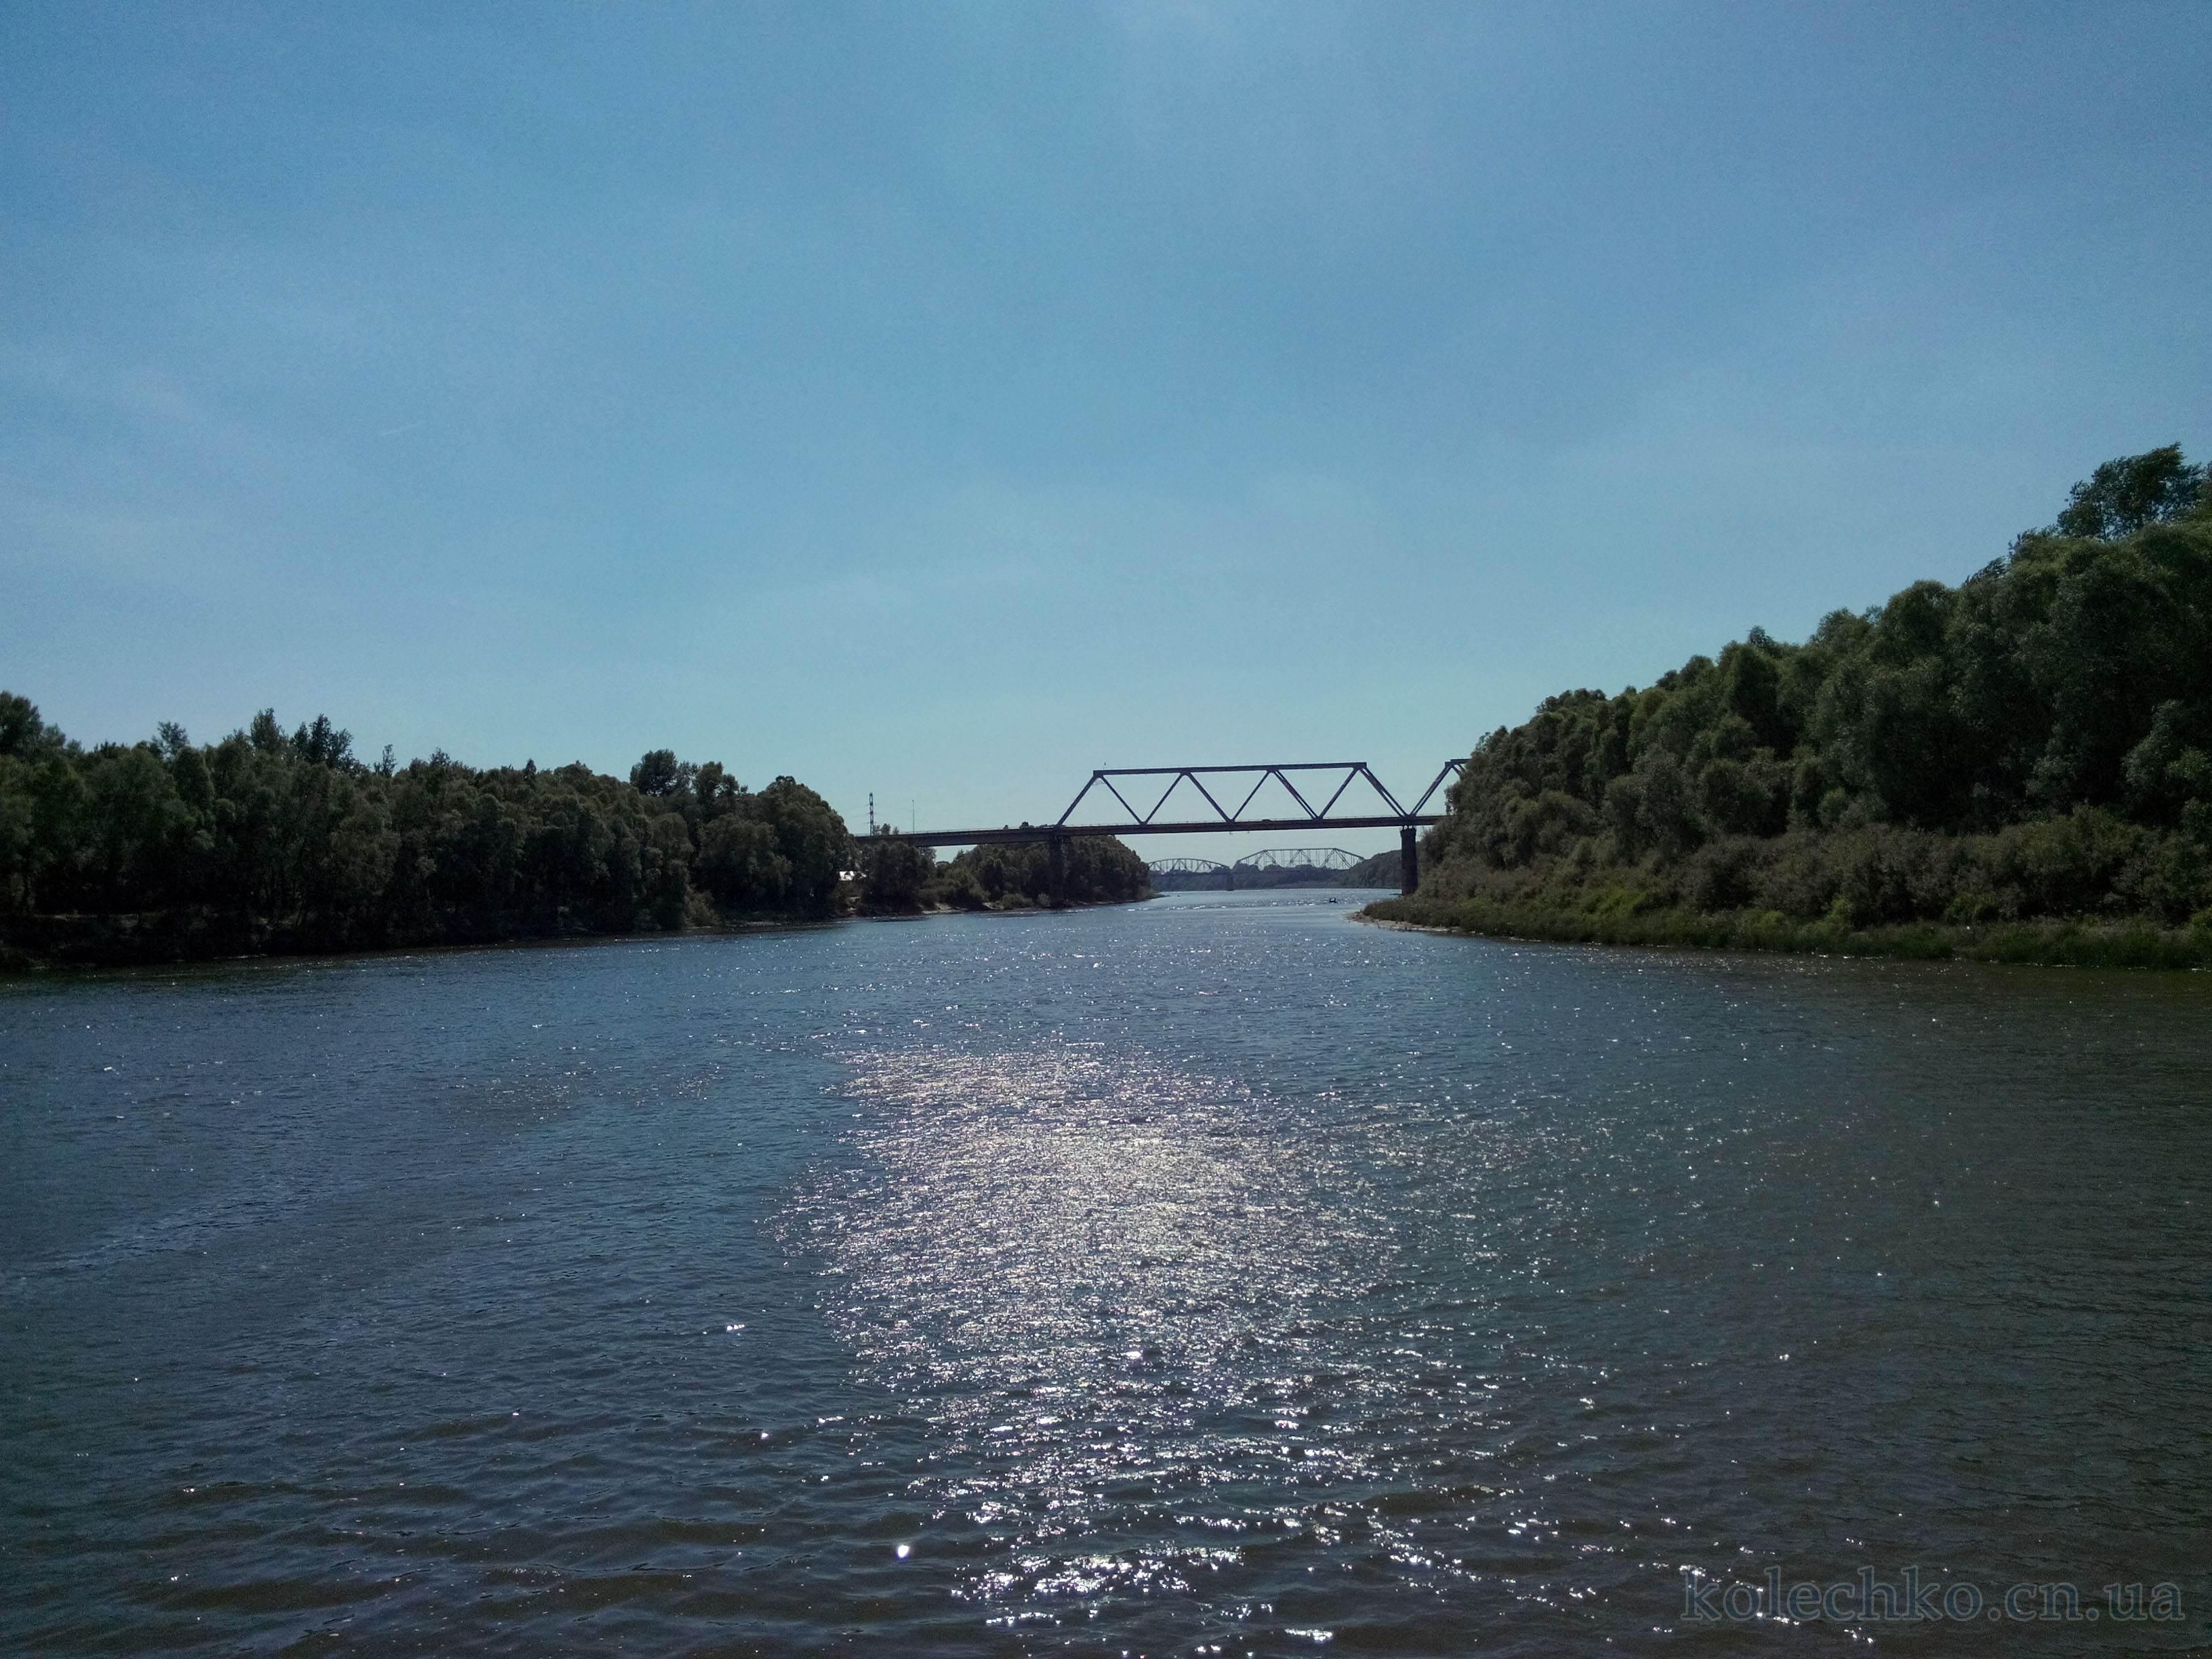 автодорожный и ж/д мост через реку Десна